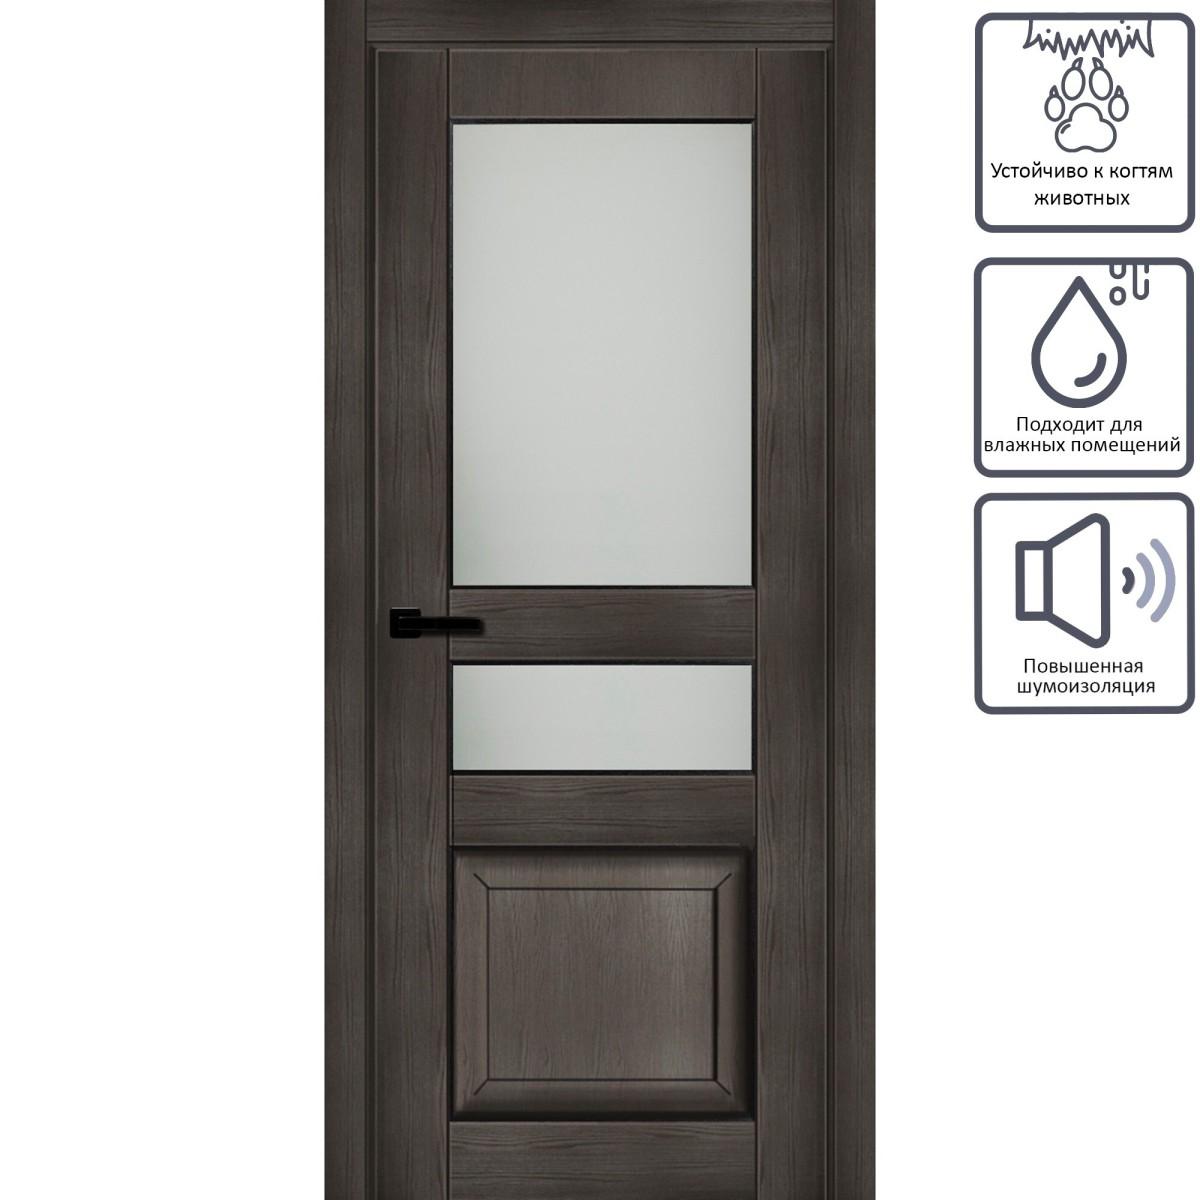 Дверь межкомнатная остеклённая с замком в комплекте Дерби 2100x800 мм CPL цвет дуб чёрный матовый